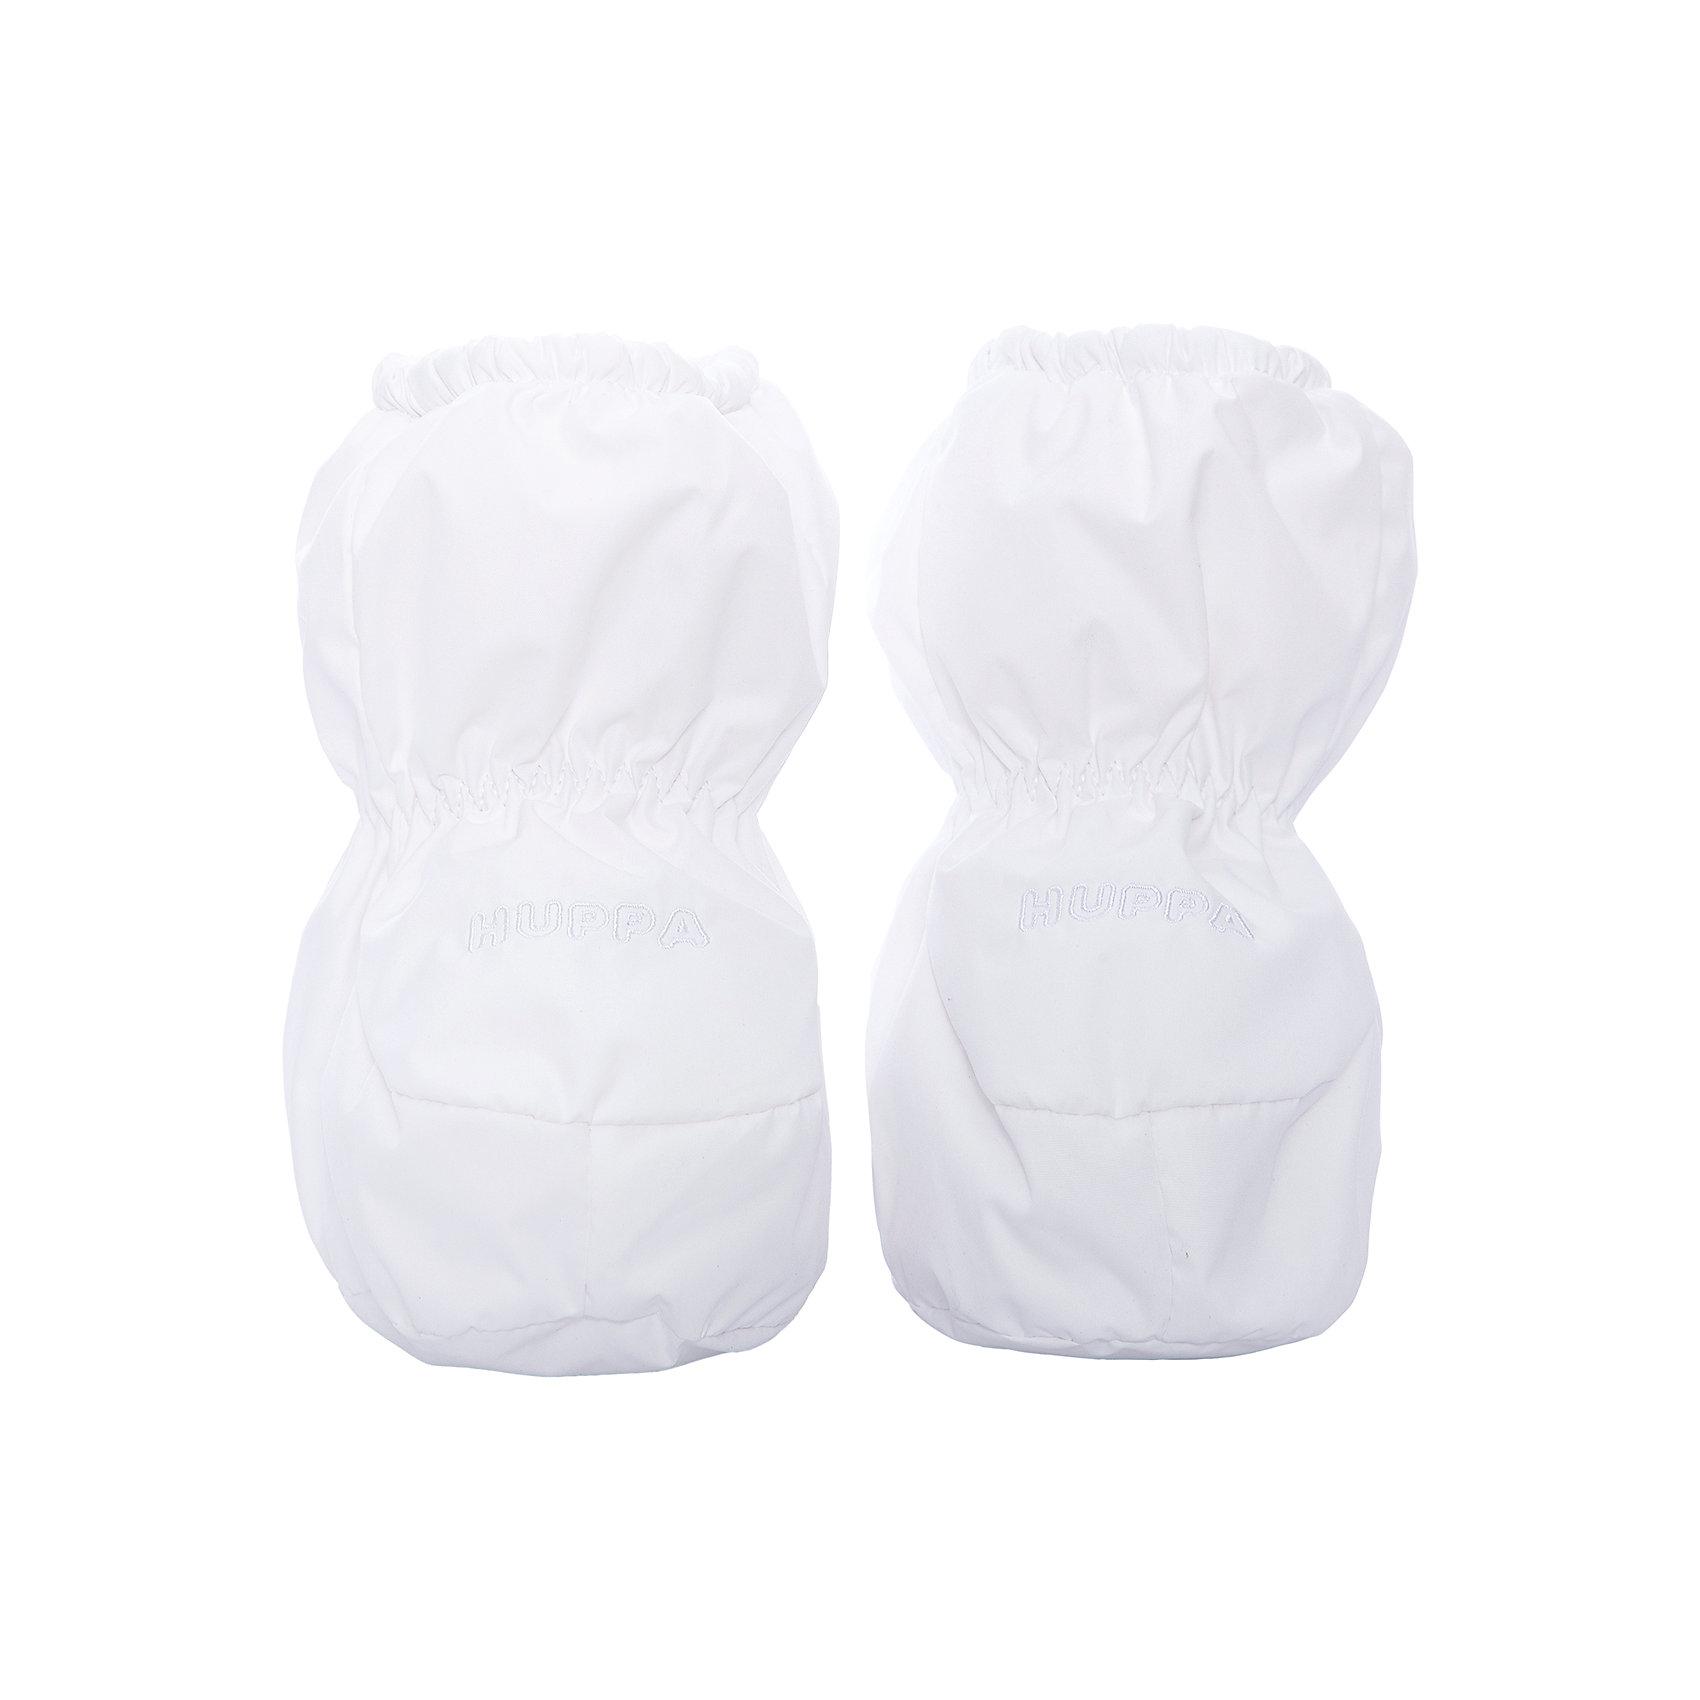 Пинетки HuppaПинетки  Huppa<br><br>Первые прогулочные пинетки для коляски, согреют Вашего малыша в прохладную погоду.<br><br>Состав: 100% Полиэстер<br><br>Ширина мм: 157<br>Глубина мм: 13<br>Высота мм: 119<br>Вес г: 200<br>Цвет: белый<br>Возраст от месяцев: 0<br>Возраст до месяцев: 12<br>Пол: Унисекс<br>Возраст: Детский<br>Размер: one size<br>SKU: 4923943